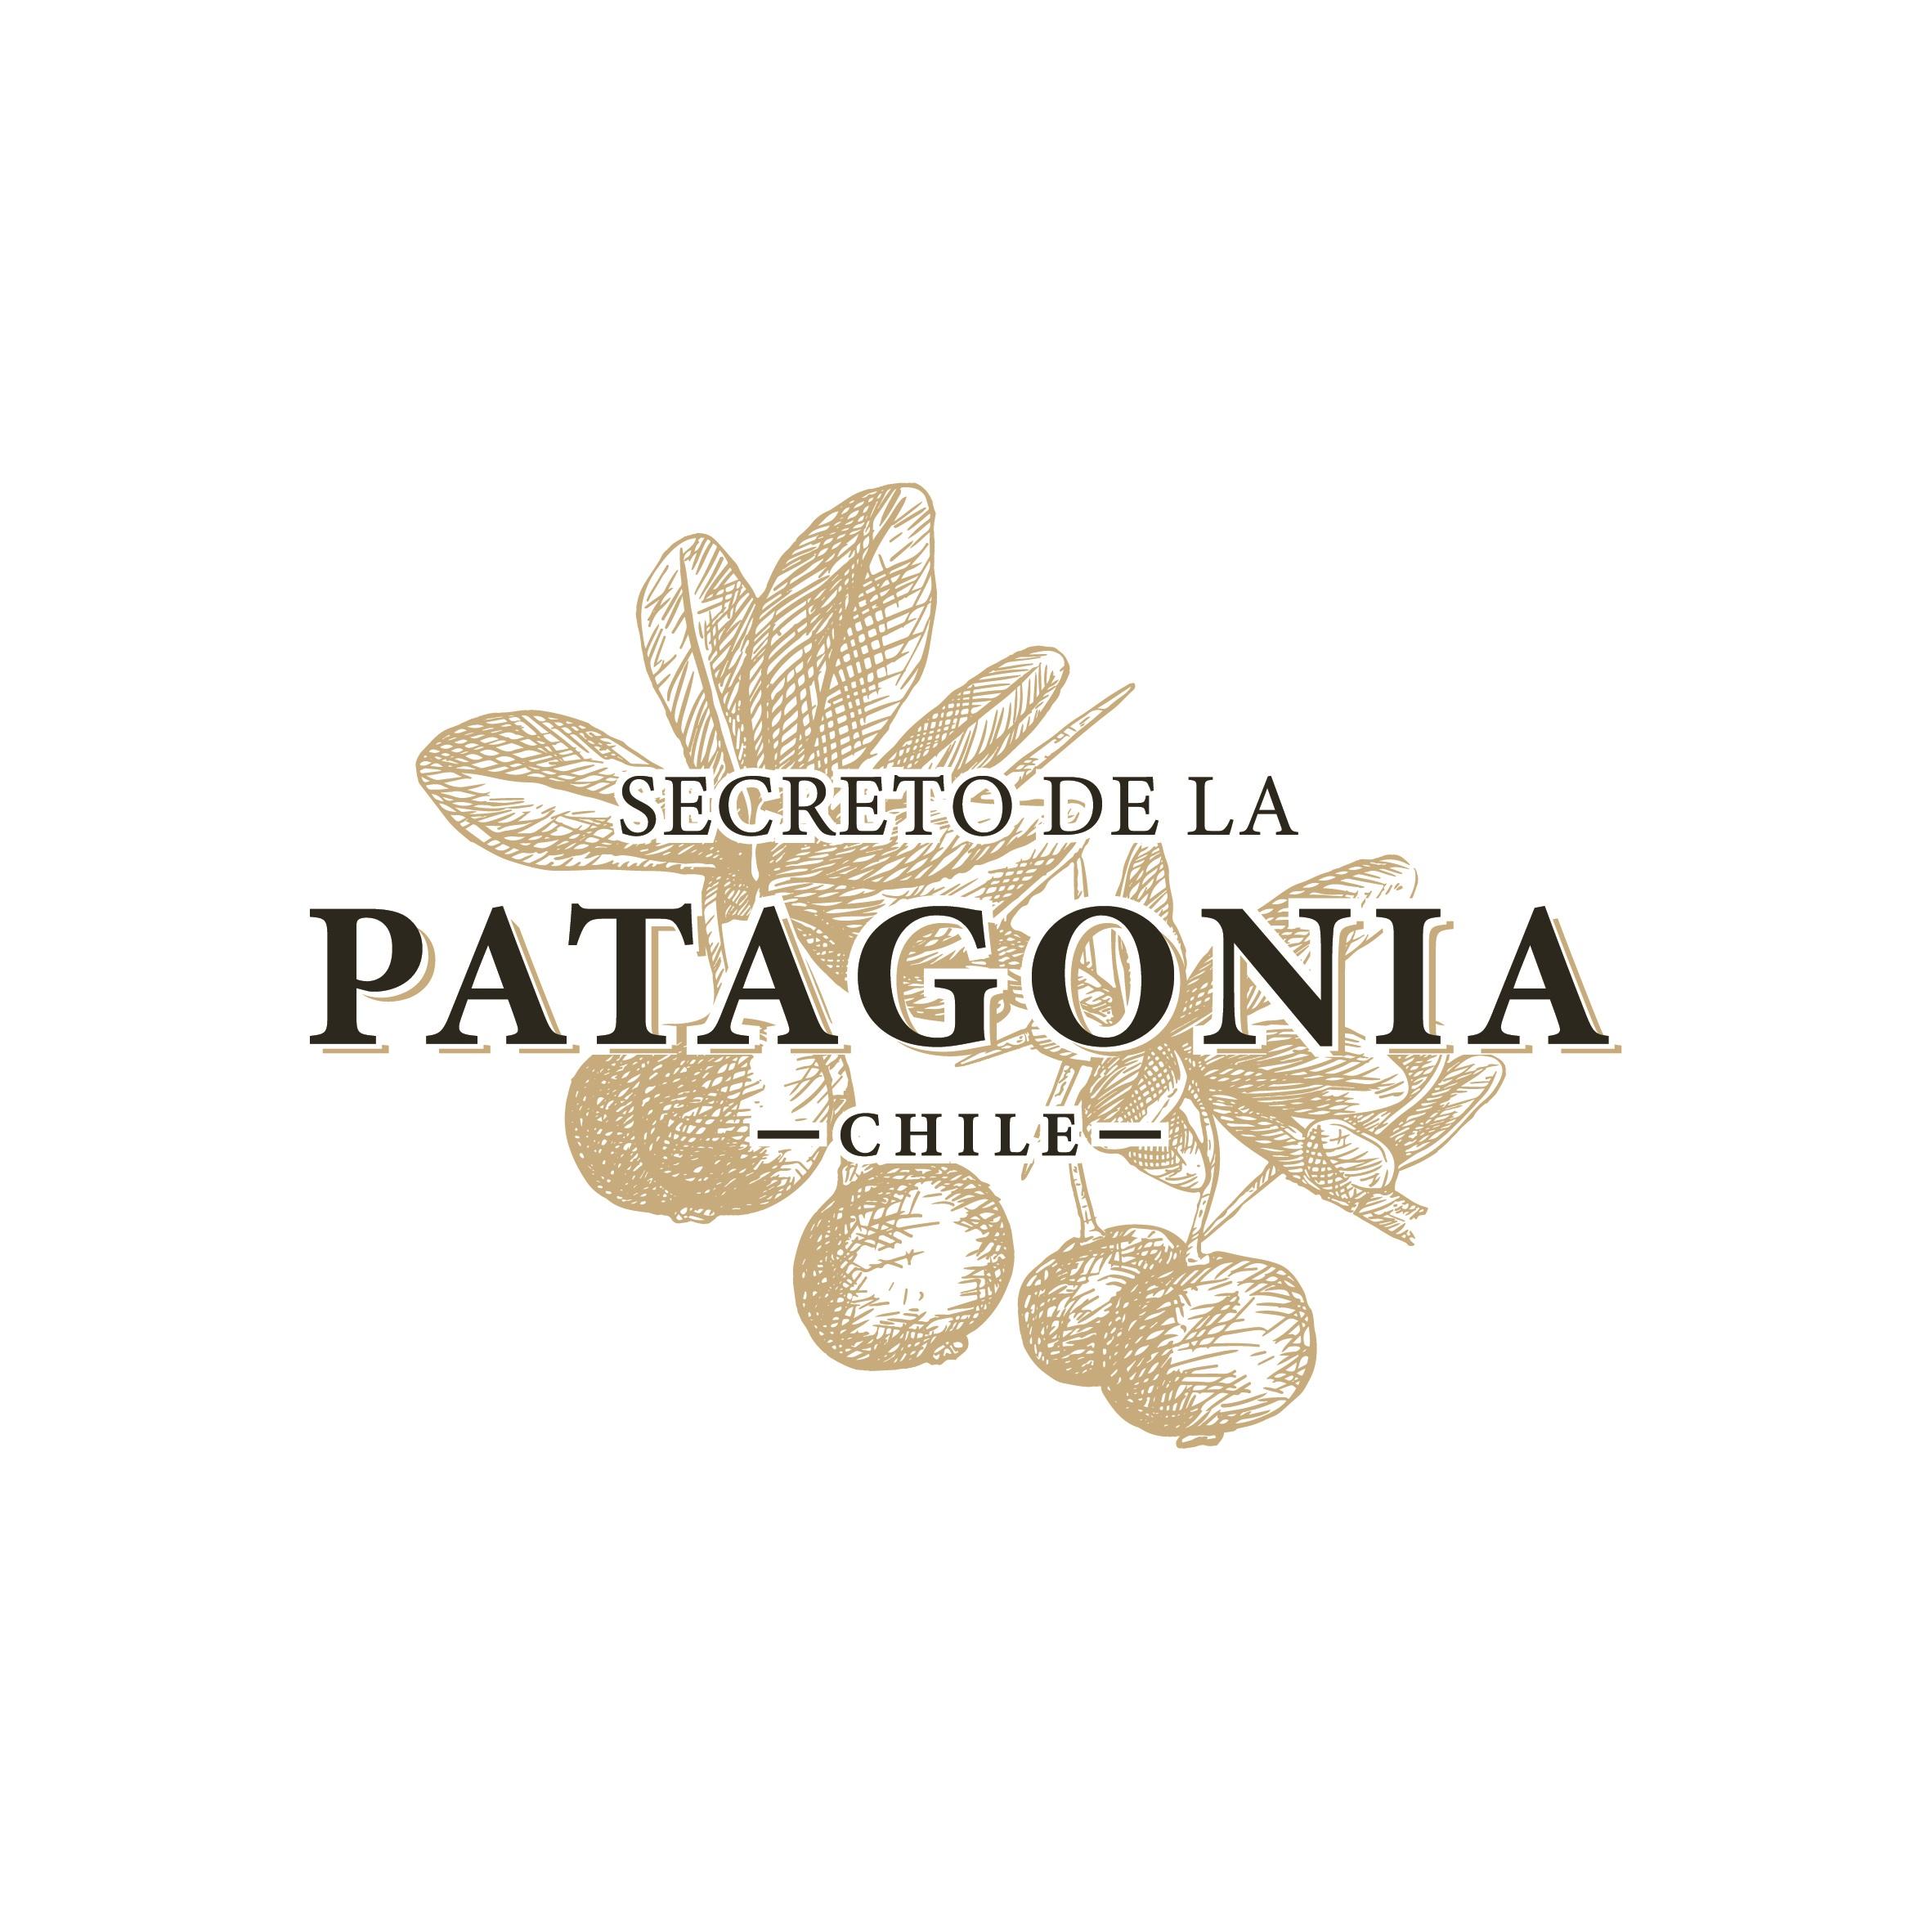 SECRETO DE LA PATAGONIA